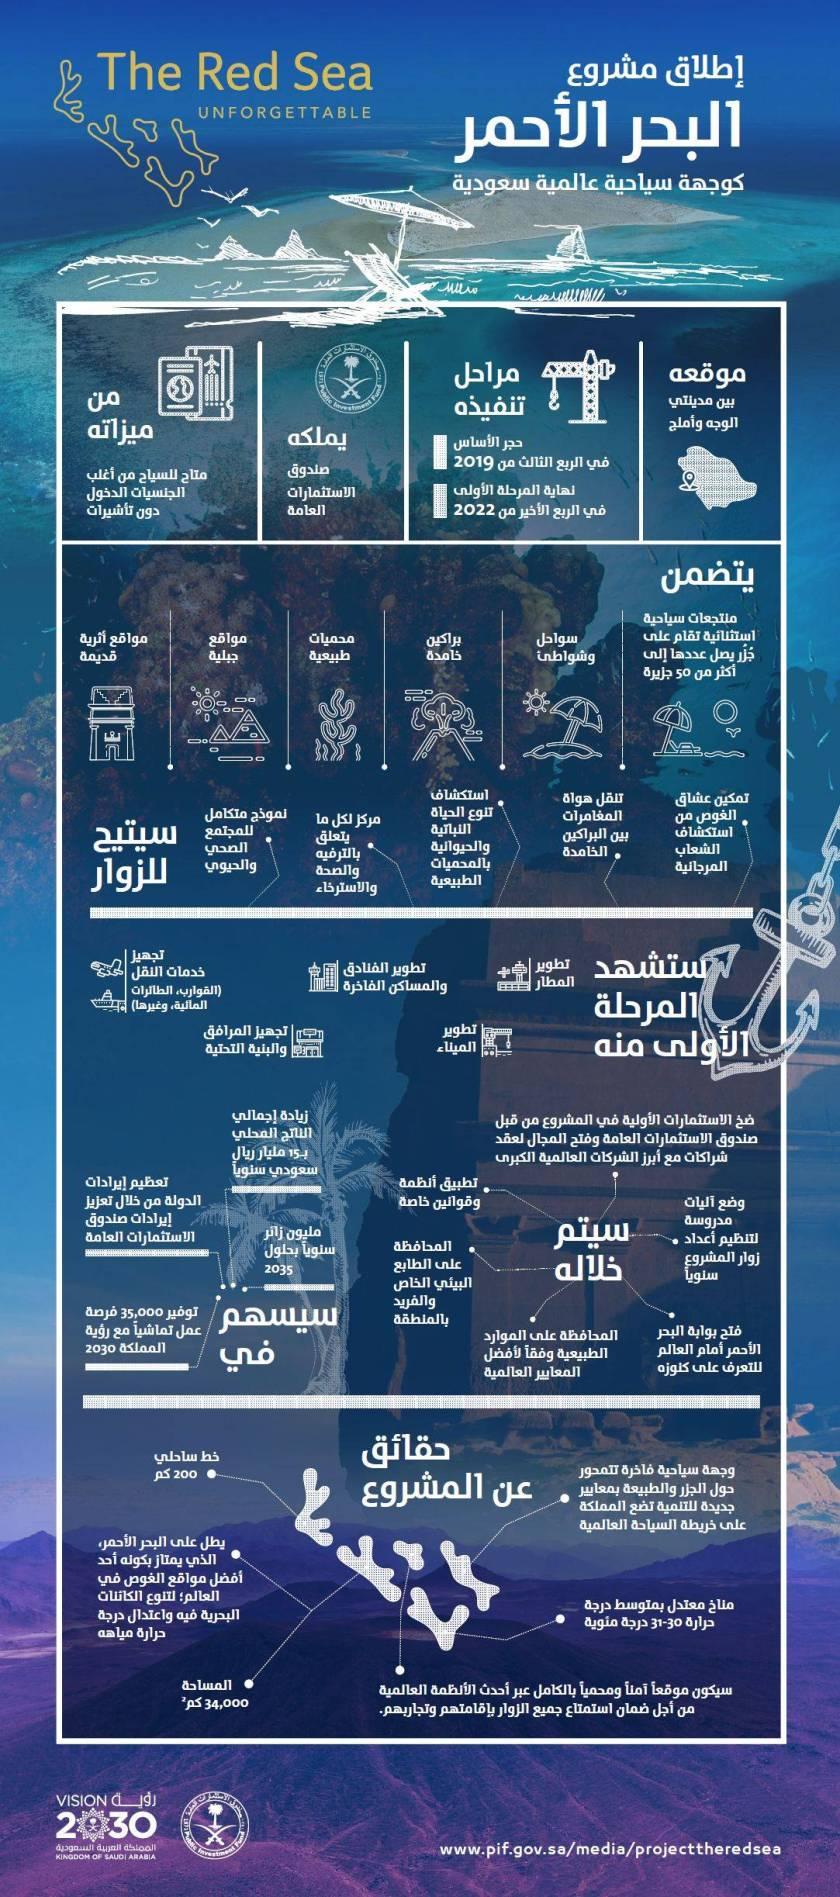 انفوجرافكس مشروع البحر الأحمر في السعودية